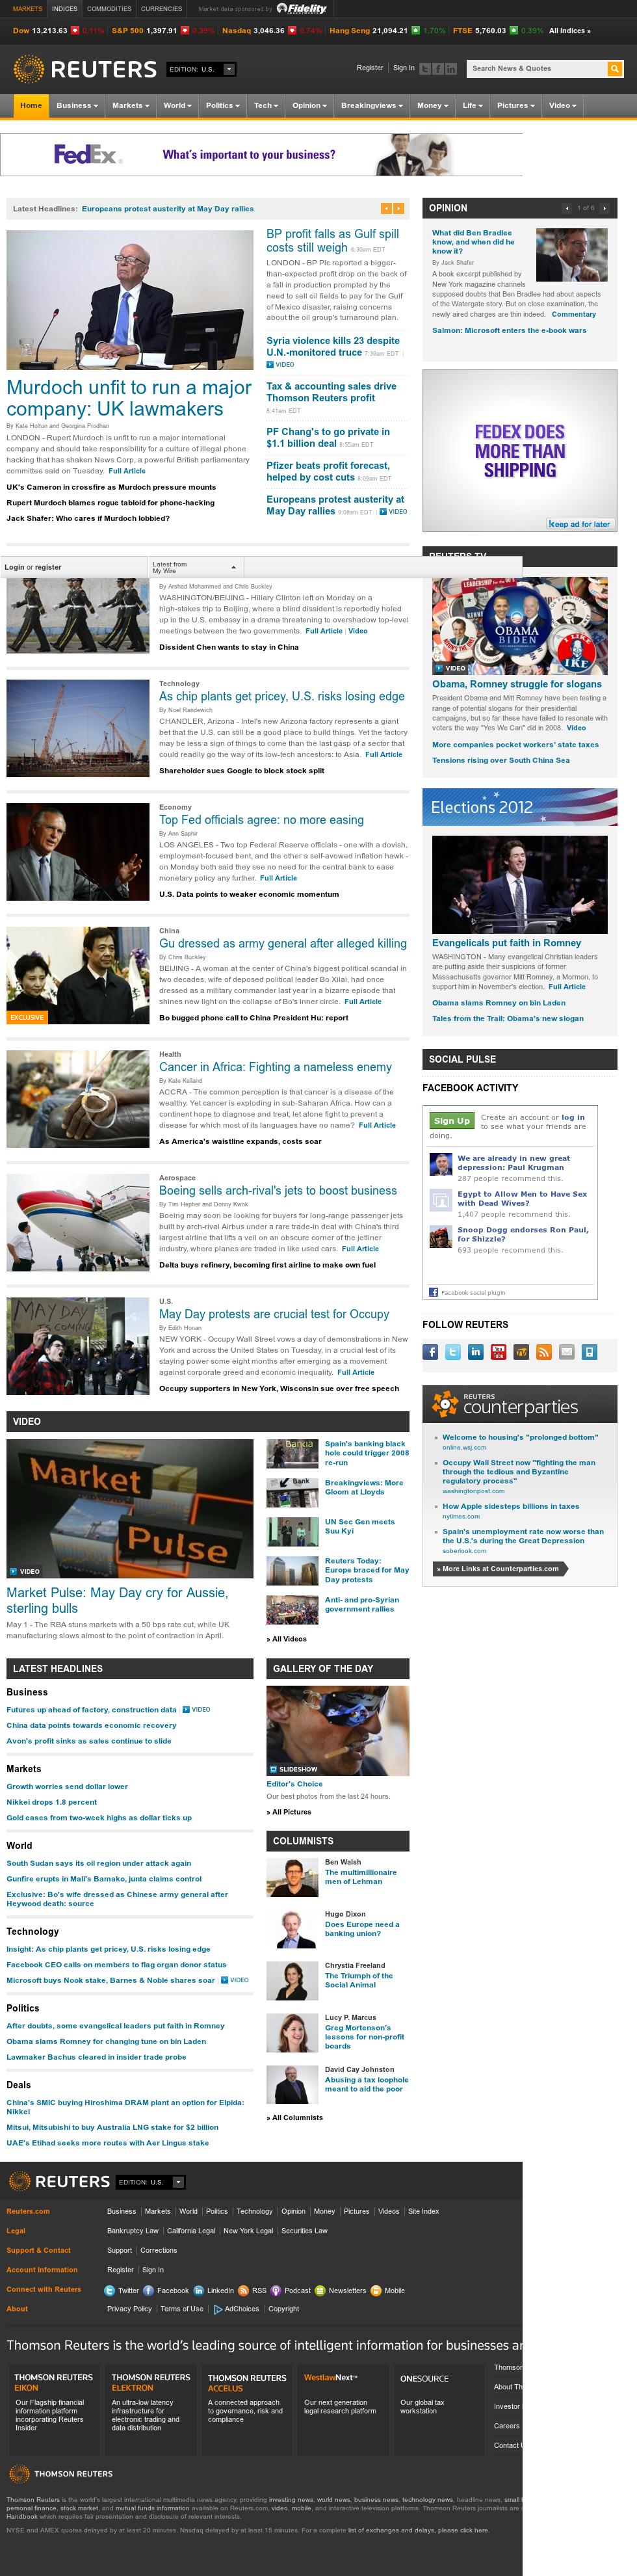 Reuters at Tuesday May 1, 2012, 1:12 p.m. UTC